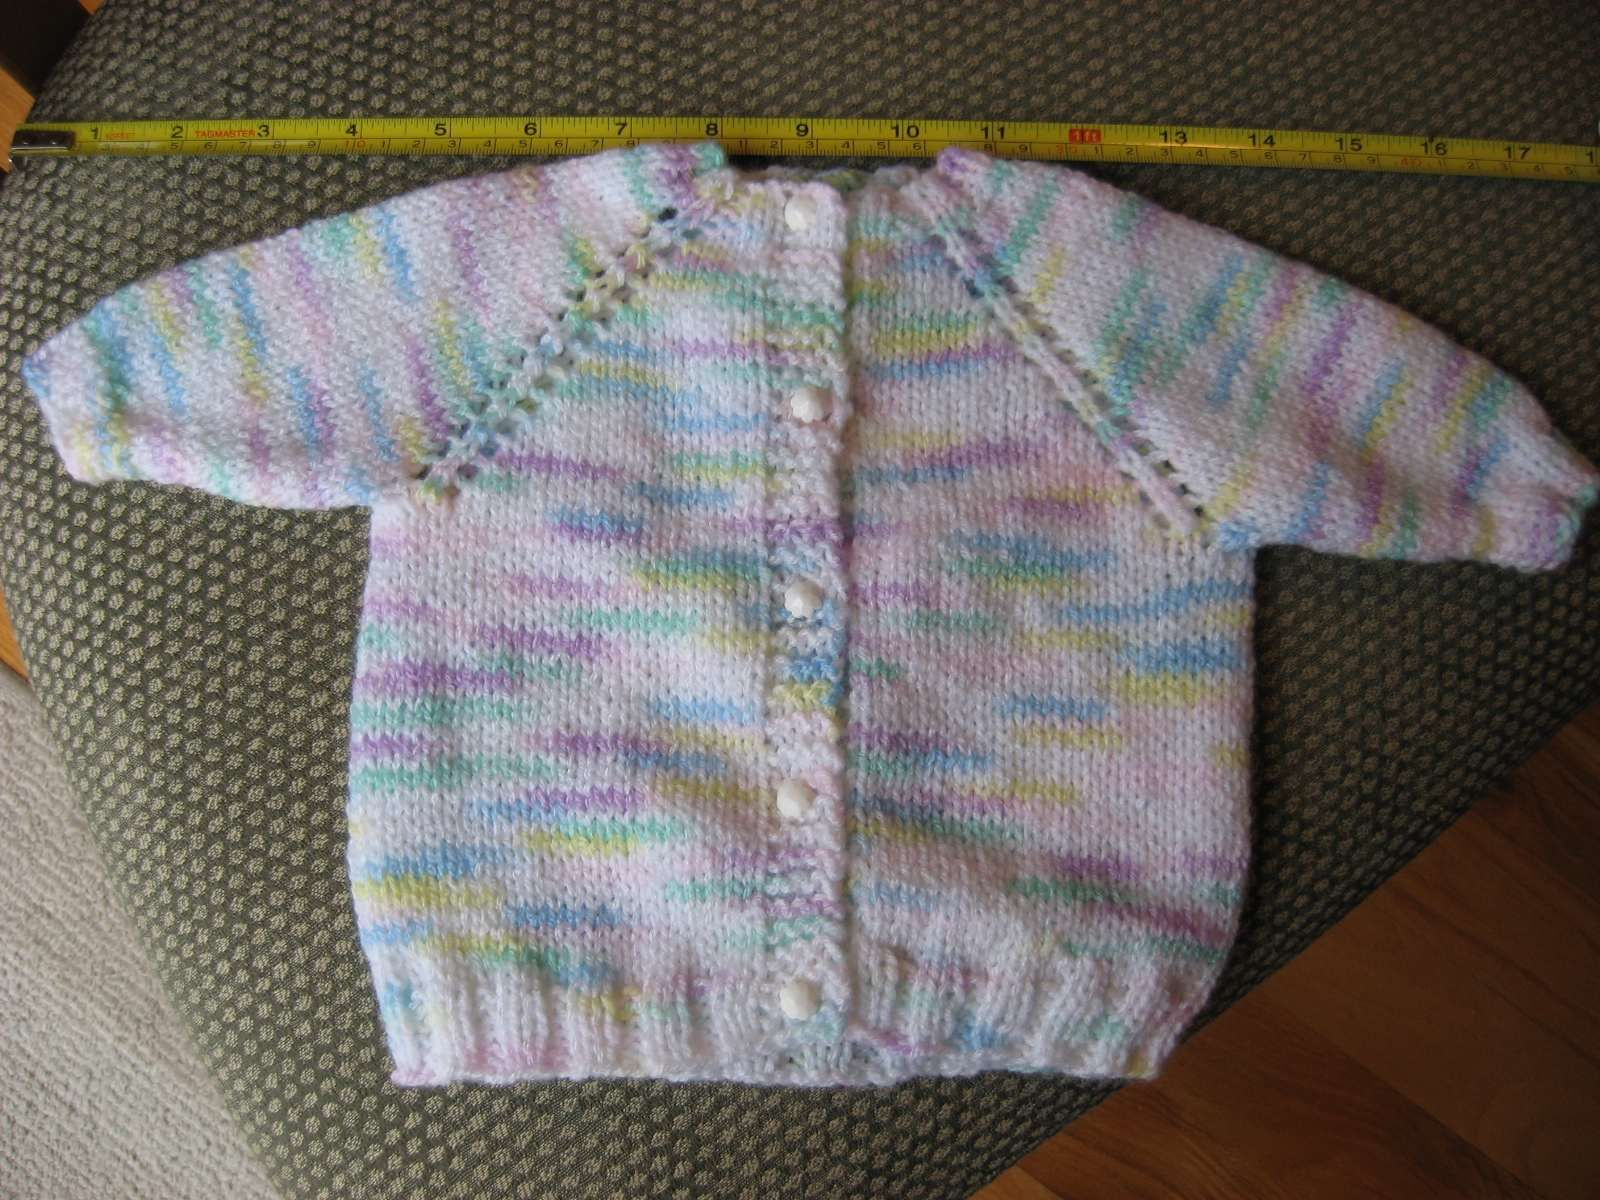 free newborn knitting patterns - Google Search | Knitting ...